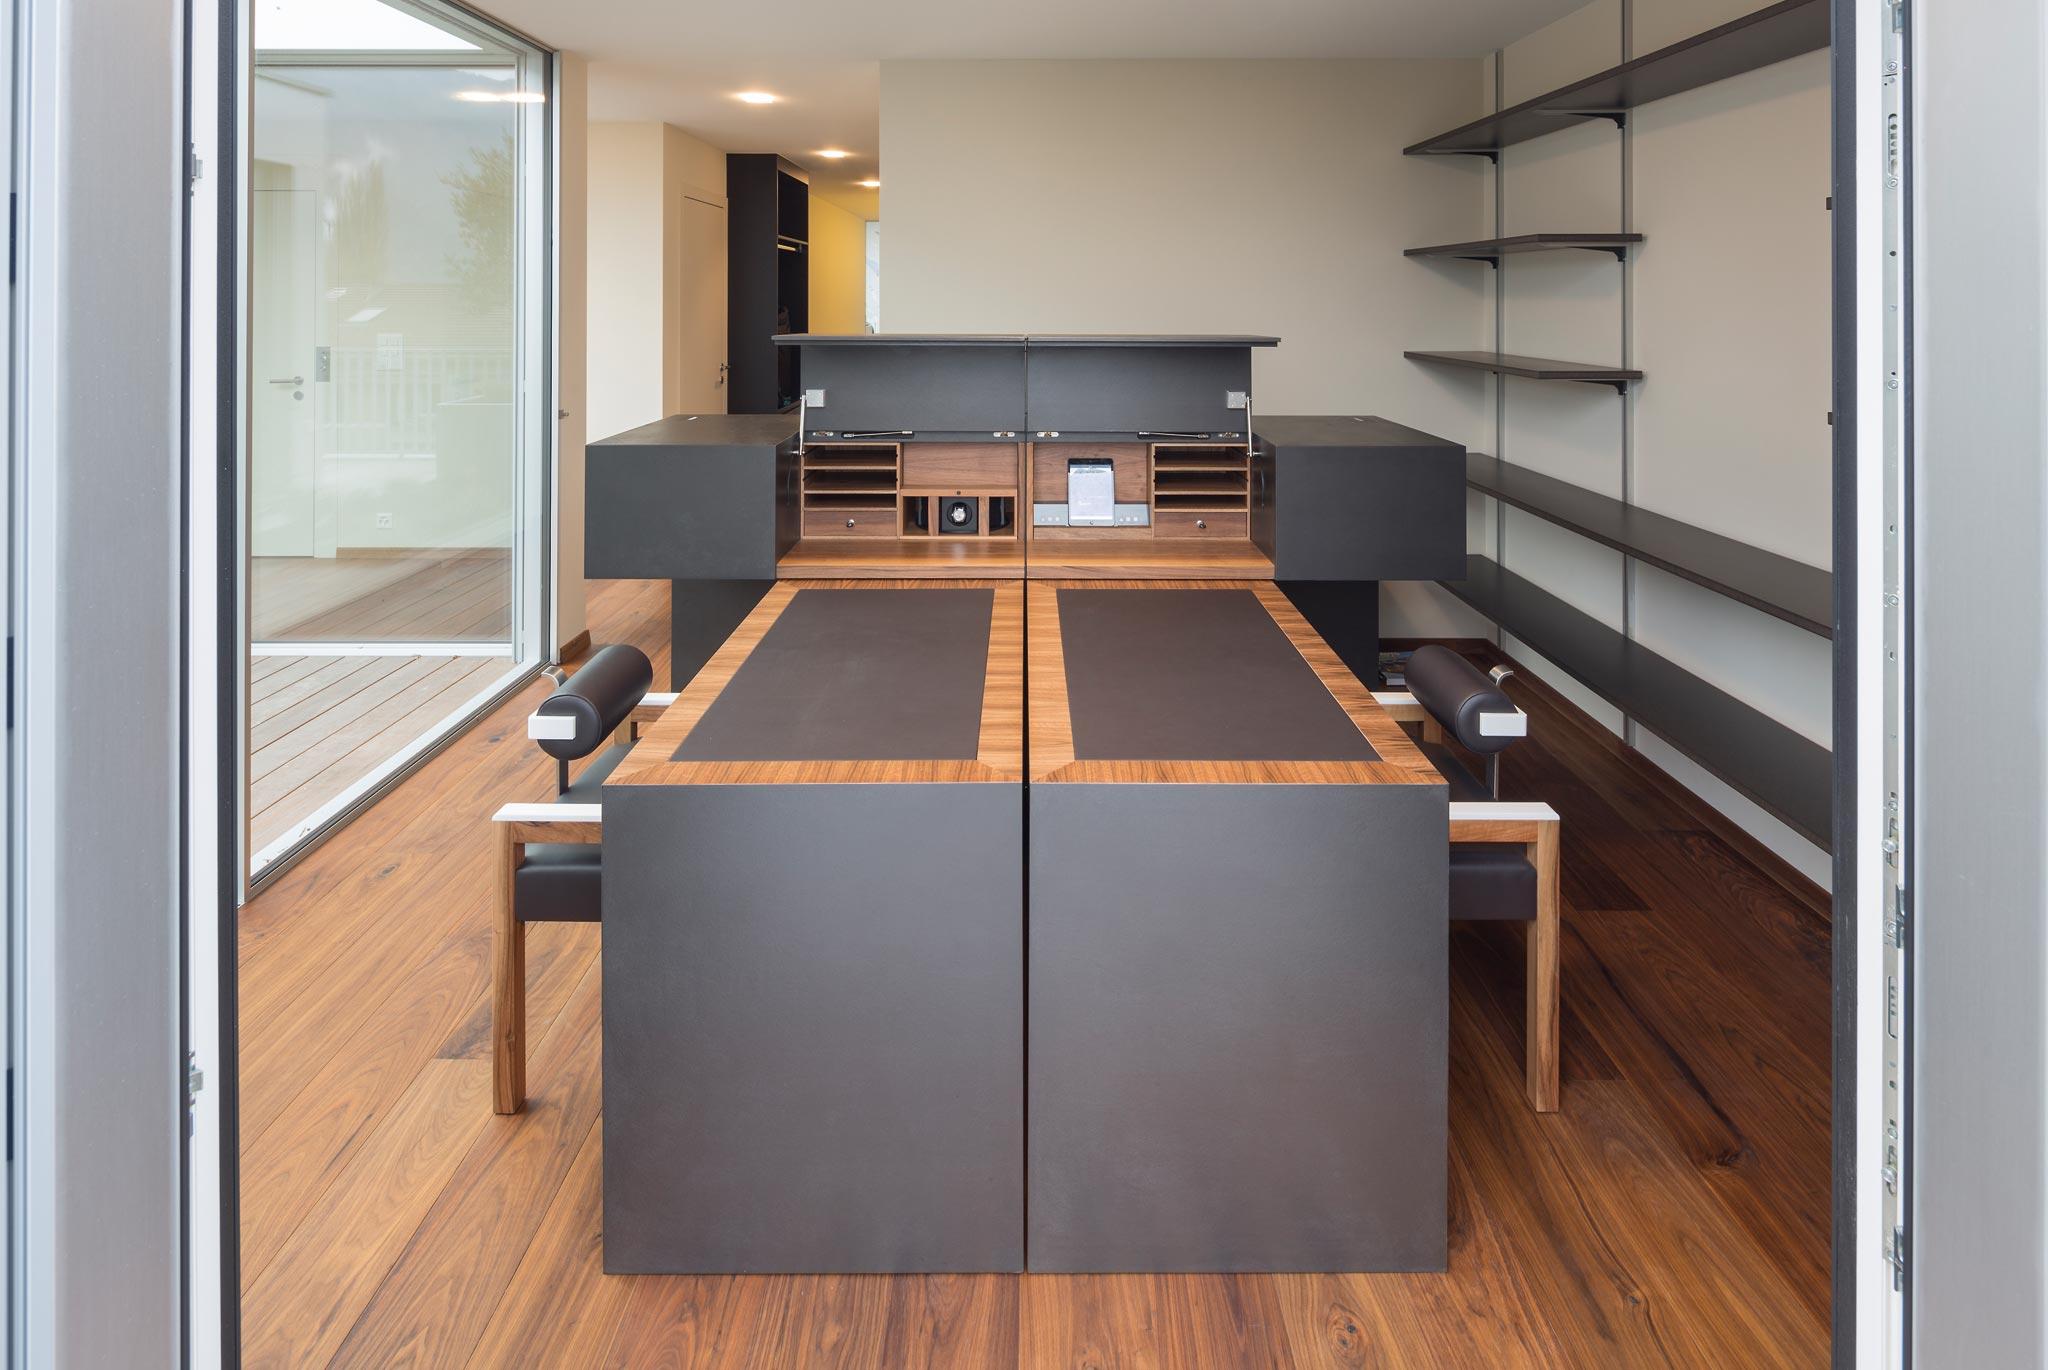 E mobilier Kabinet hor 14 11 002 1 - Lilo 4 - Le bureau